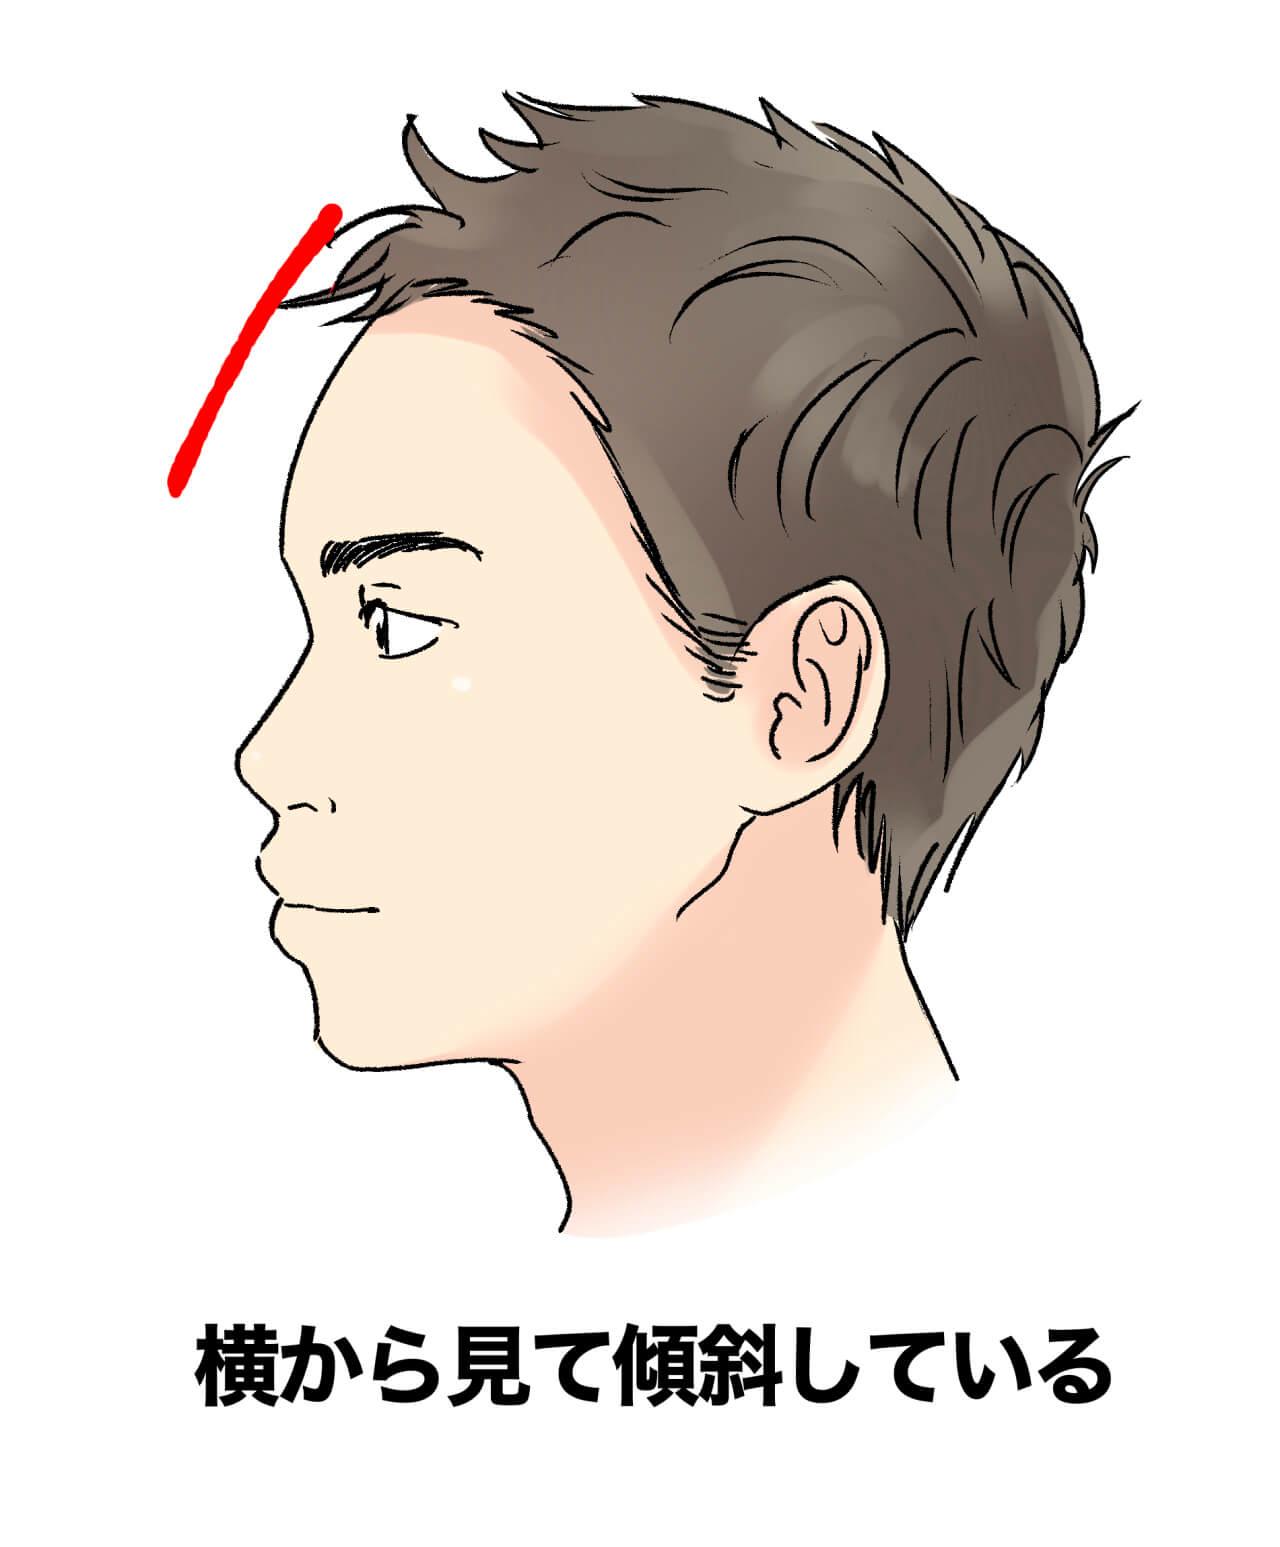 ブゾンさん7月配信レクチャー編イラスト